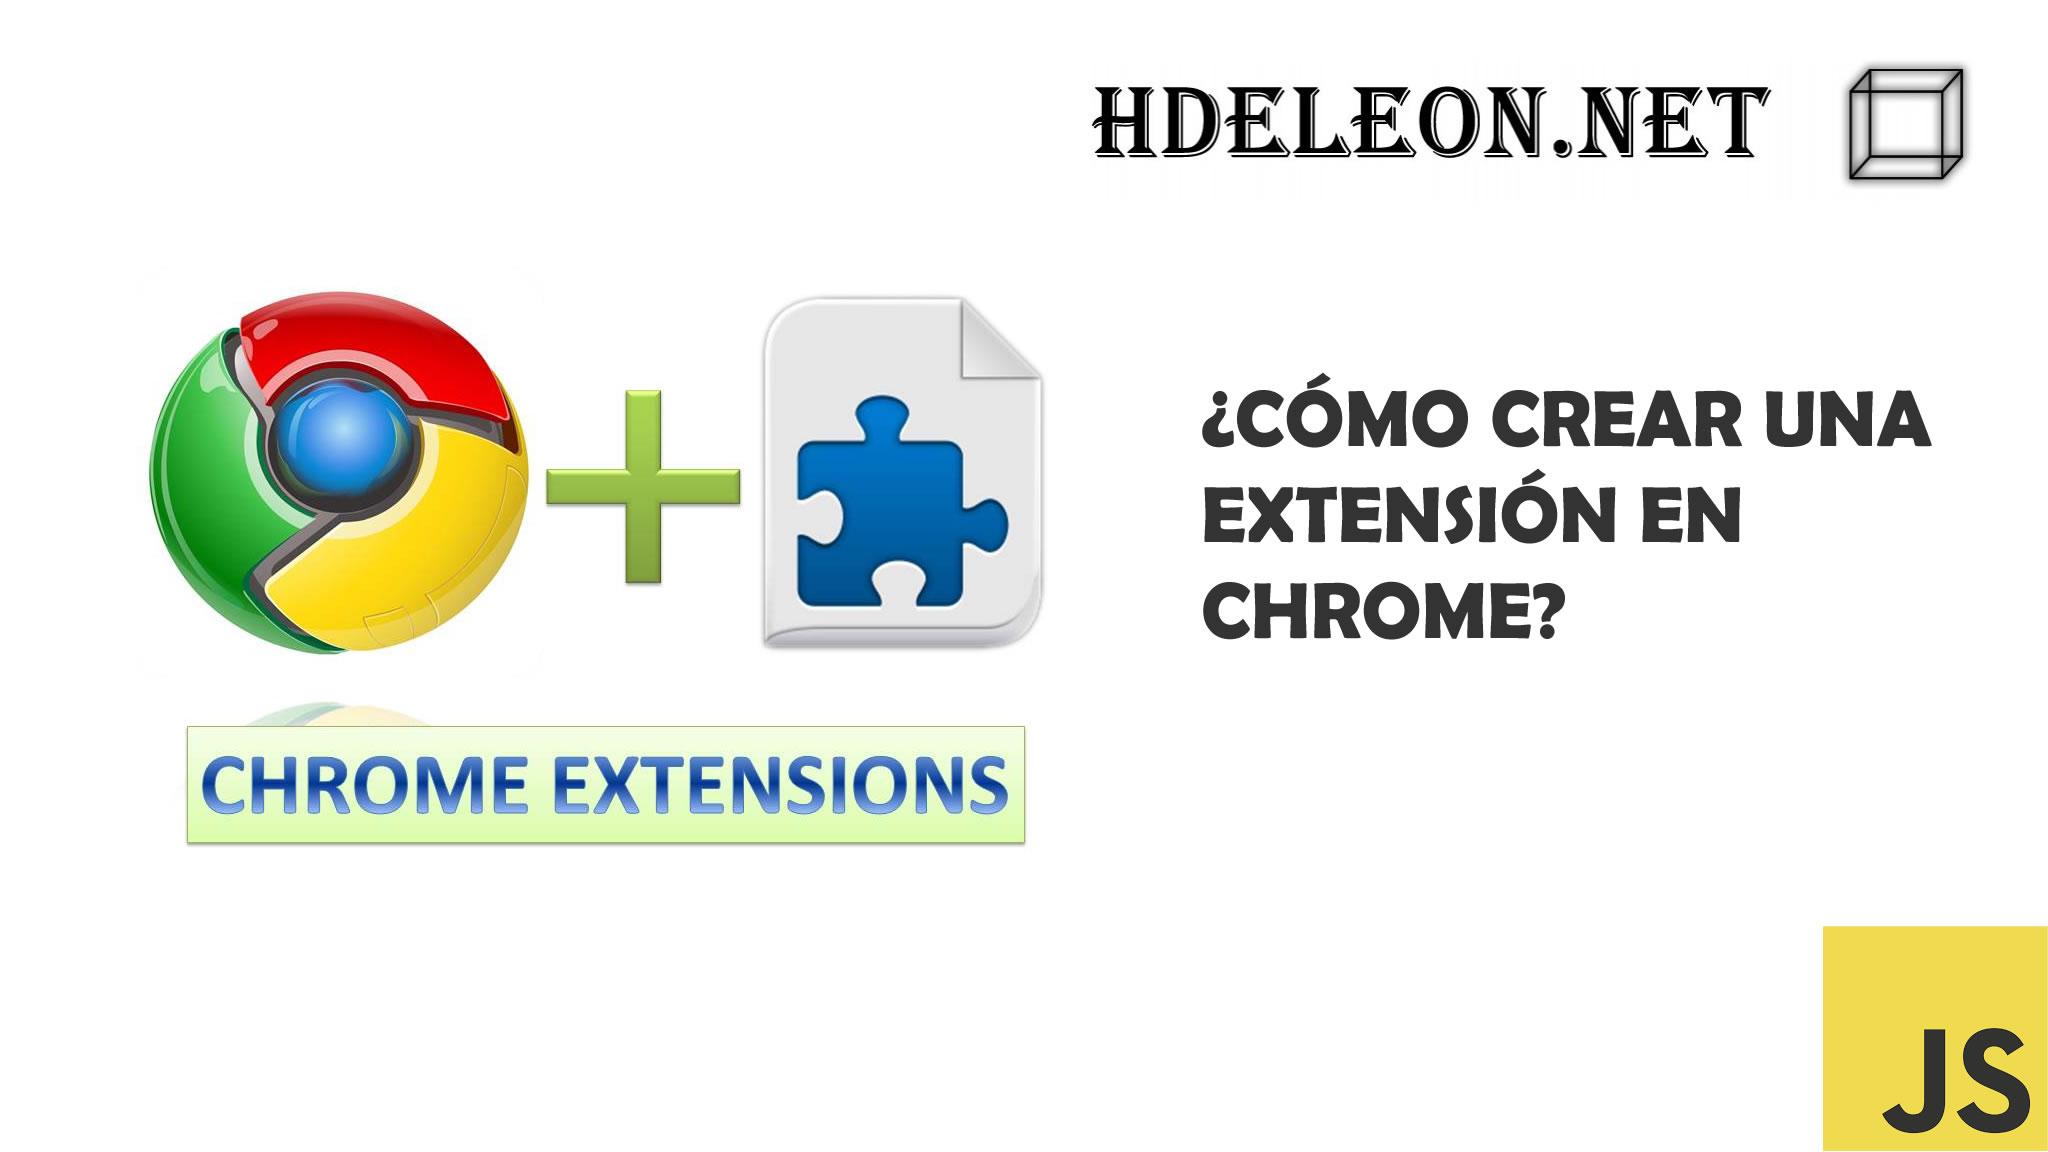 ¿Cómo crear una extensión para el navegador Chrome?, Extensión para checar todos los checkbox